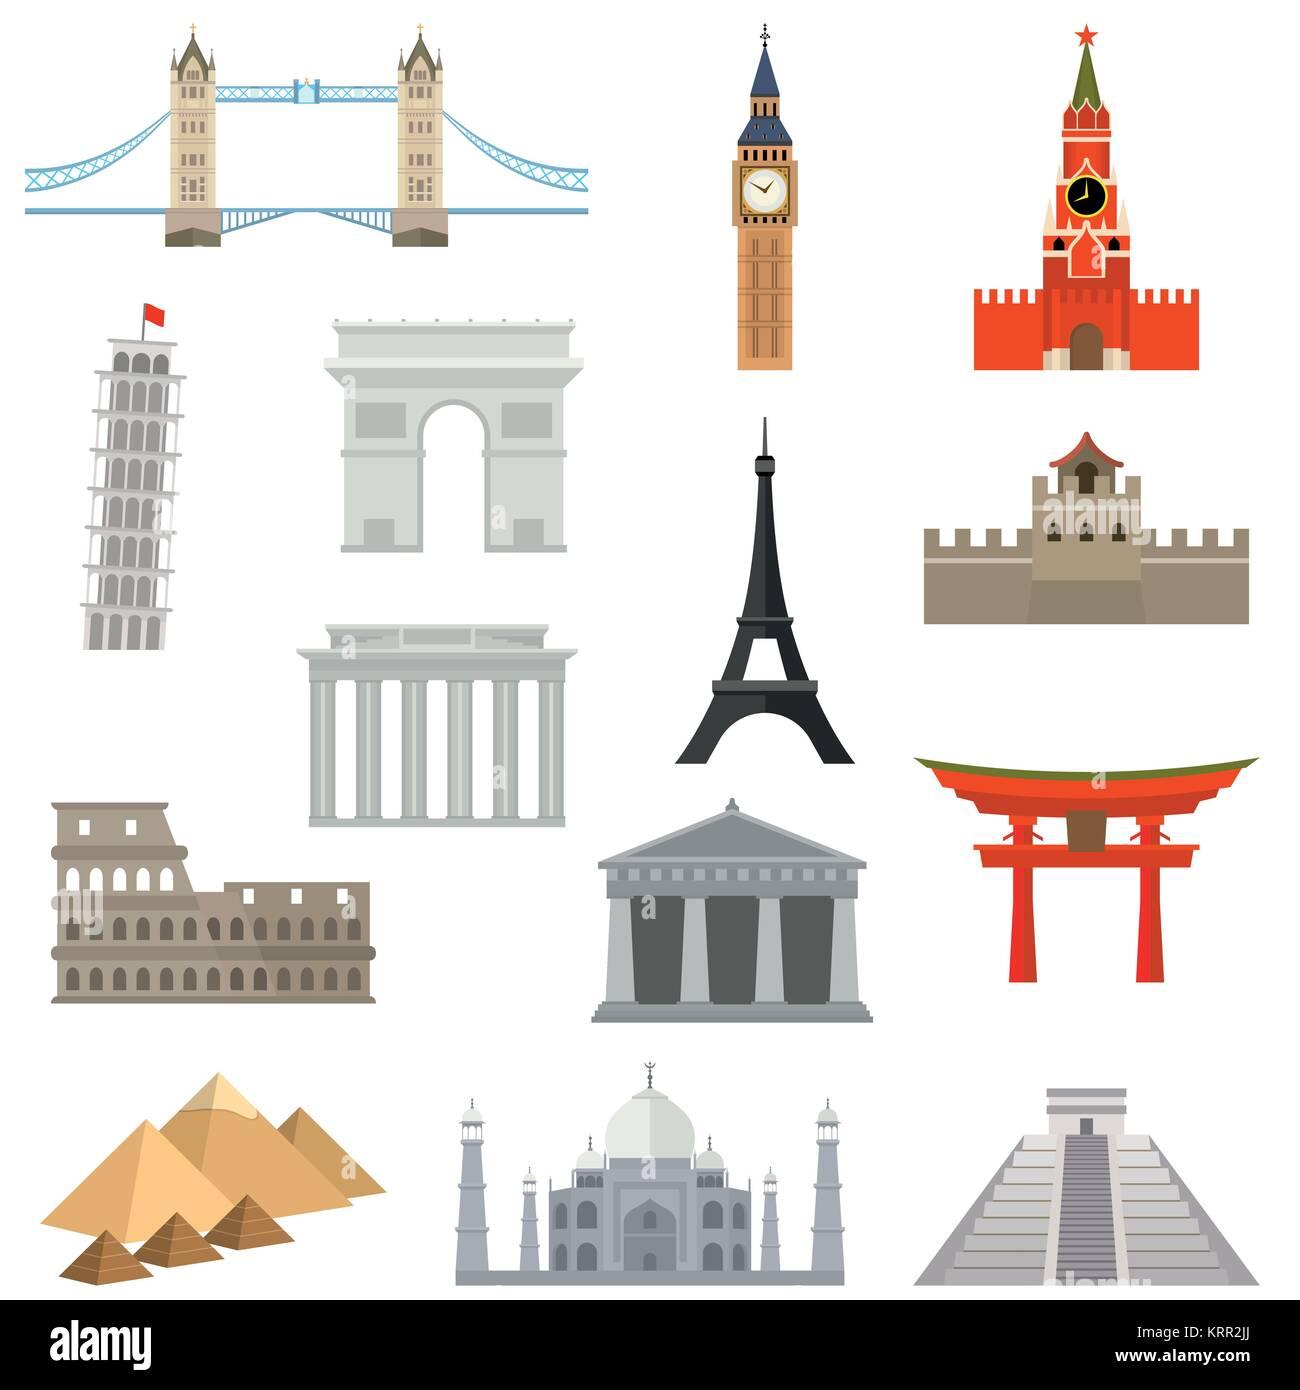 Wunderbar Architektur Dokumentvorlage Bilder - Entry Level Resume ...